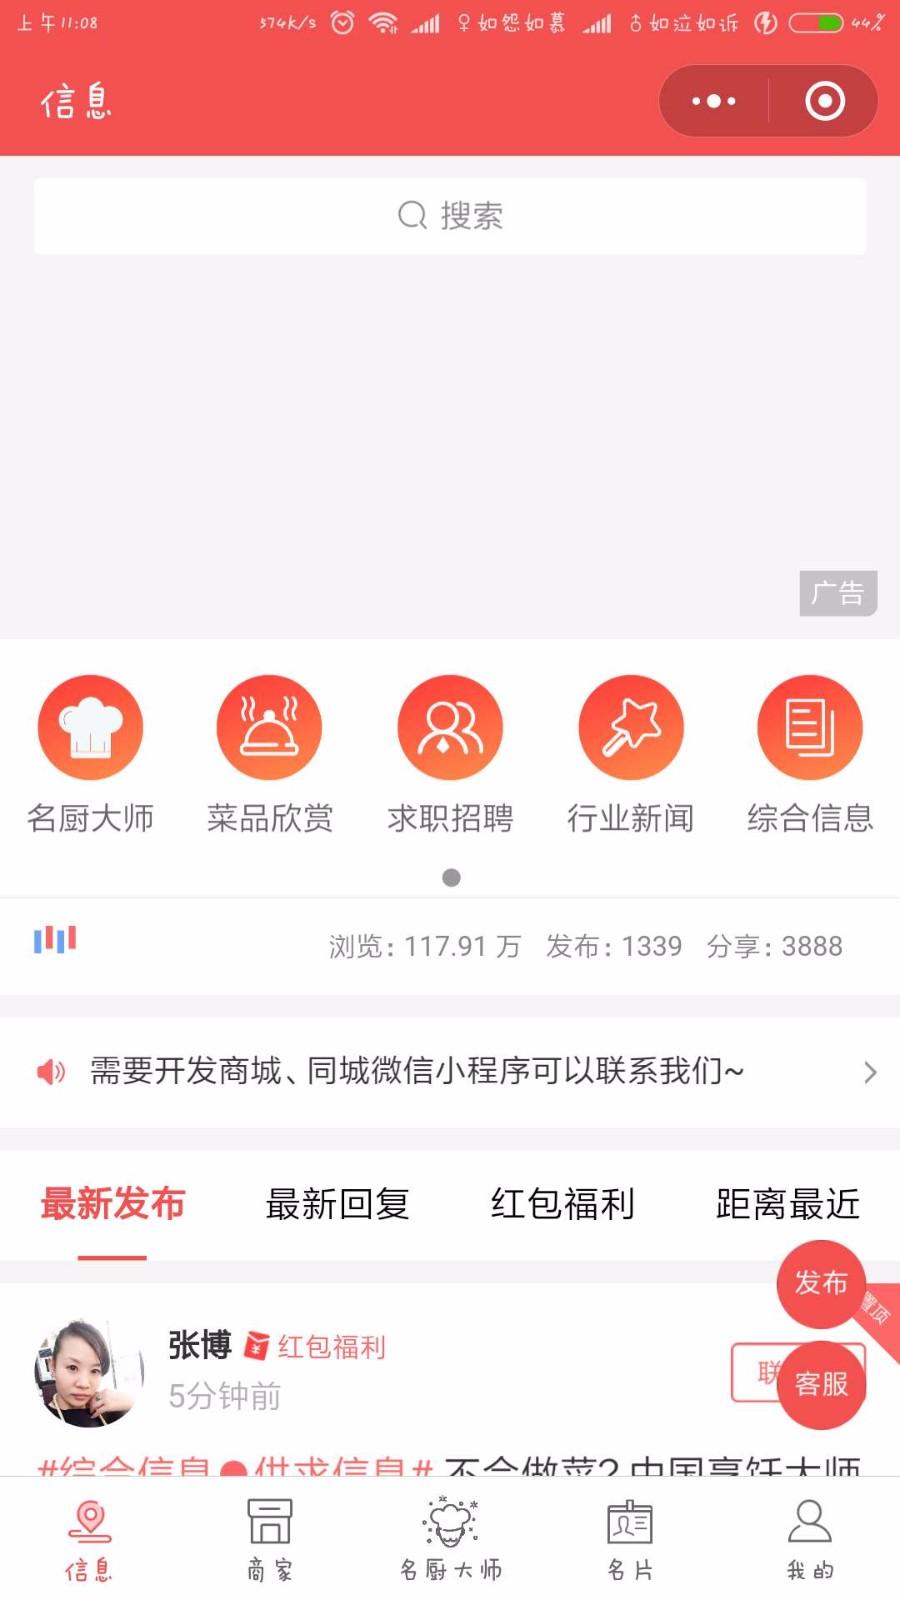 河南餐饮网小程序截图